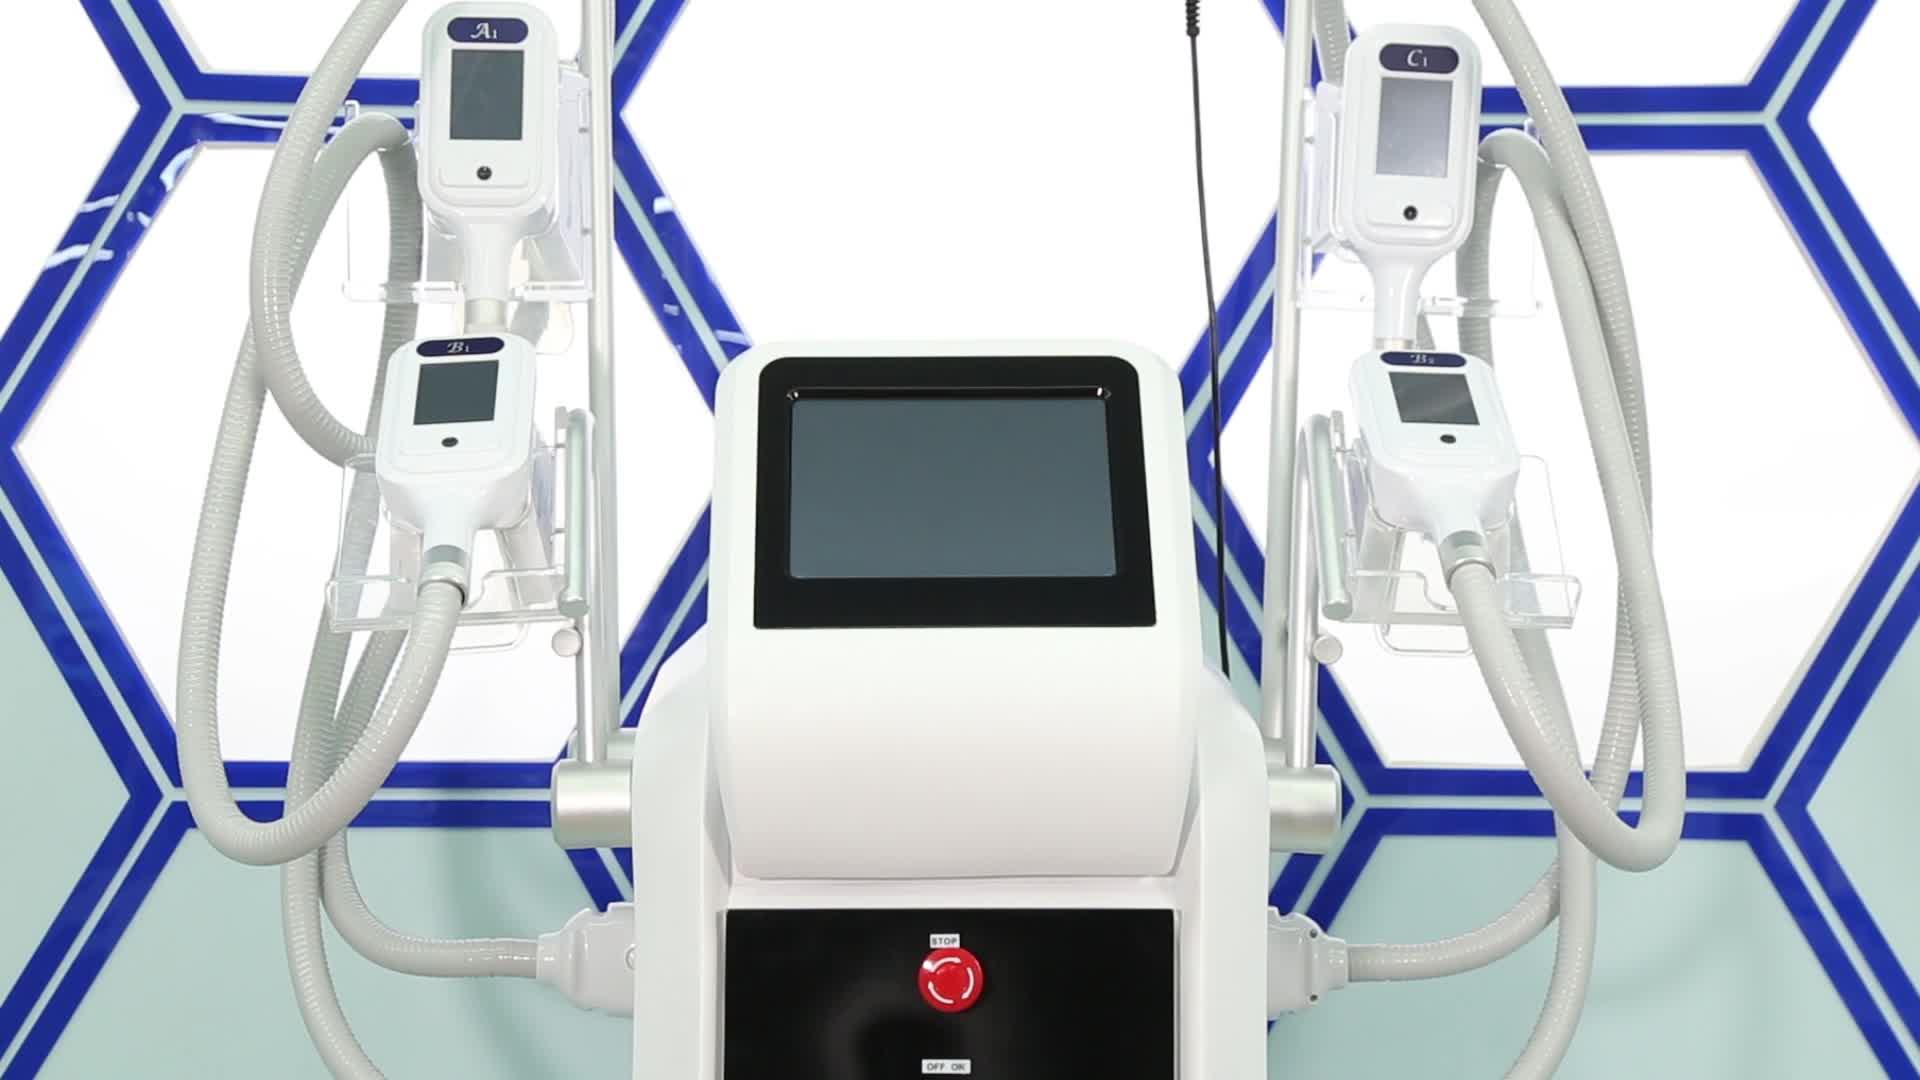 Thương mại đảm bảo!!! CE/FDA chấp thuận lipo cryolipolysis thiết bị giảm béo chất béo đóng băng cryo lipo máy